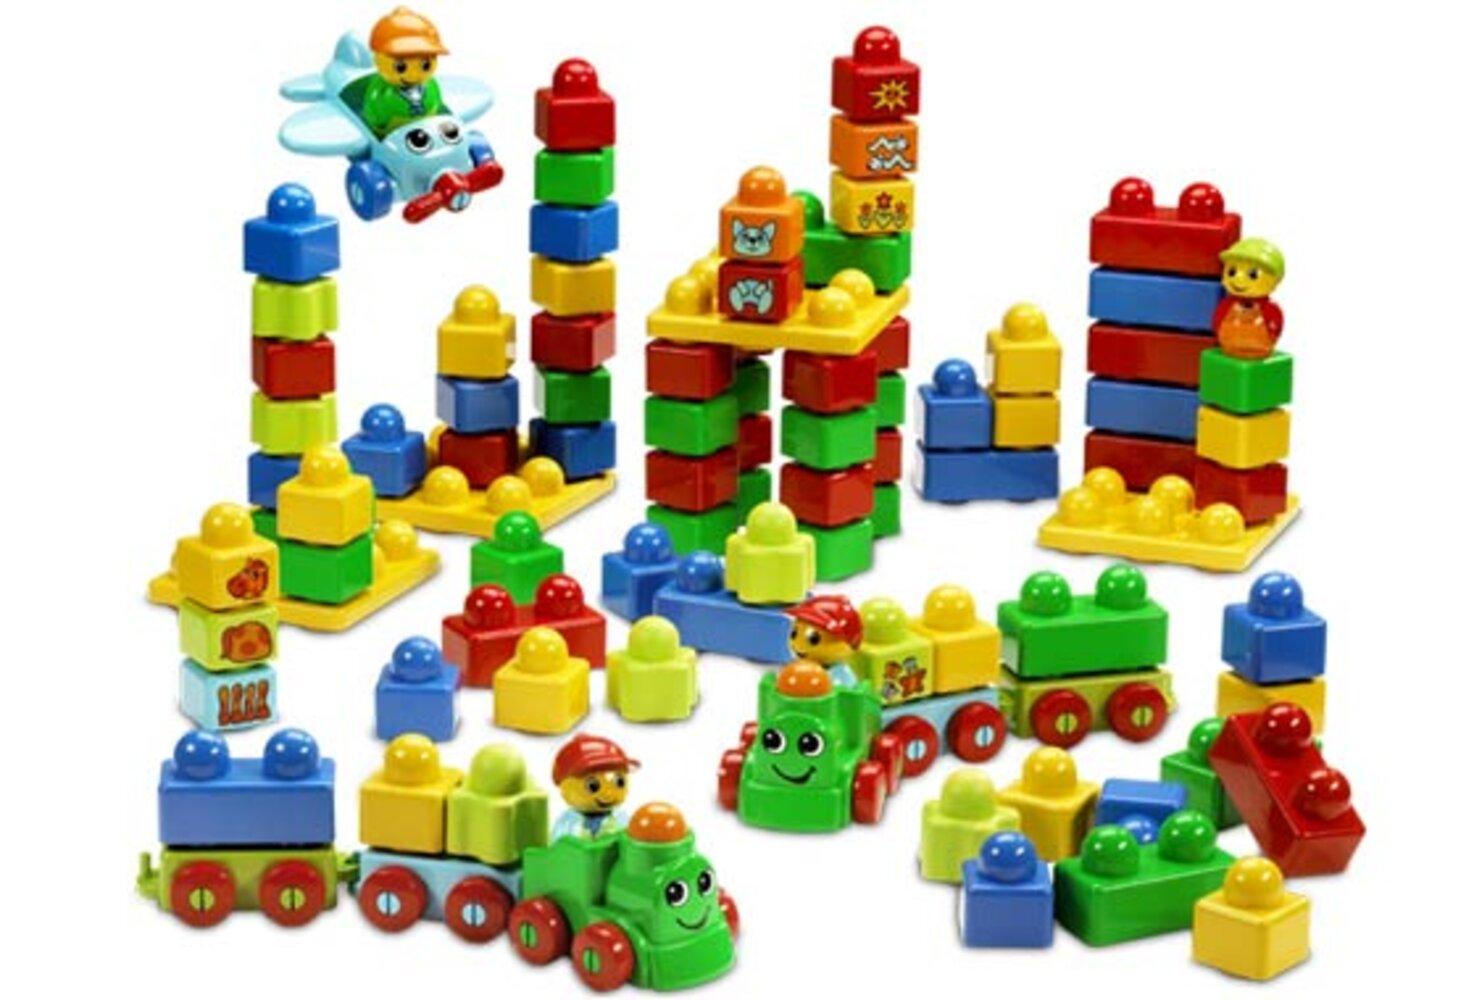 Preschool Building Toy